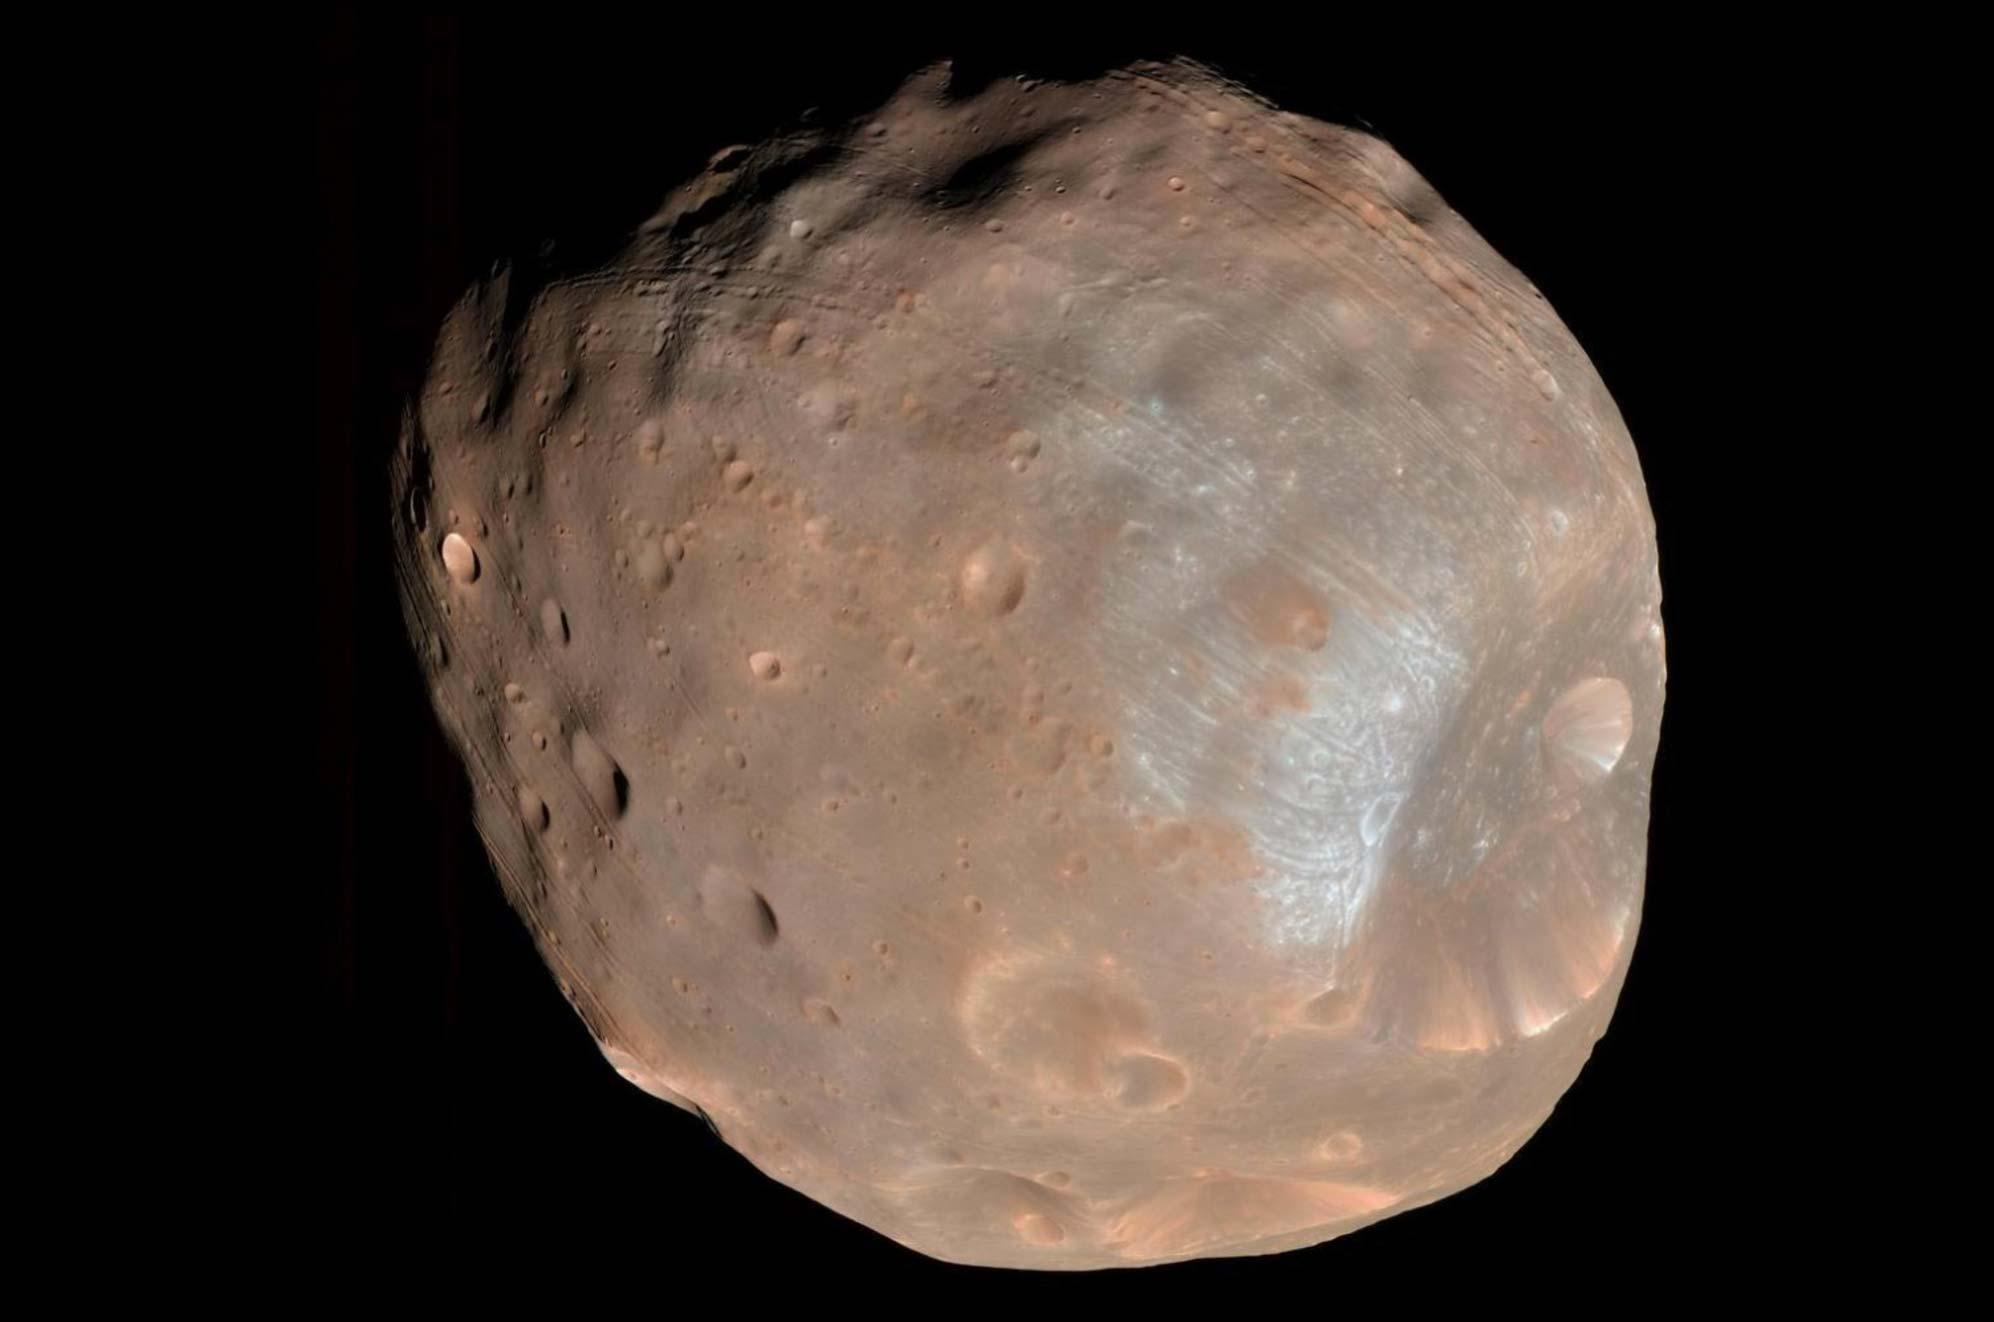 بزرگترین قمر سیاره مریخ